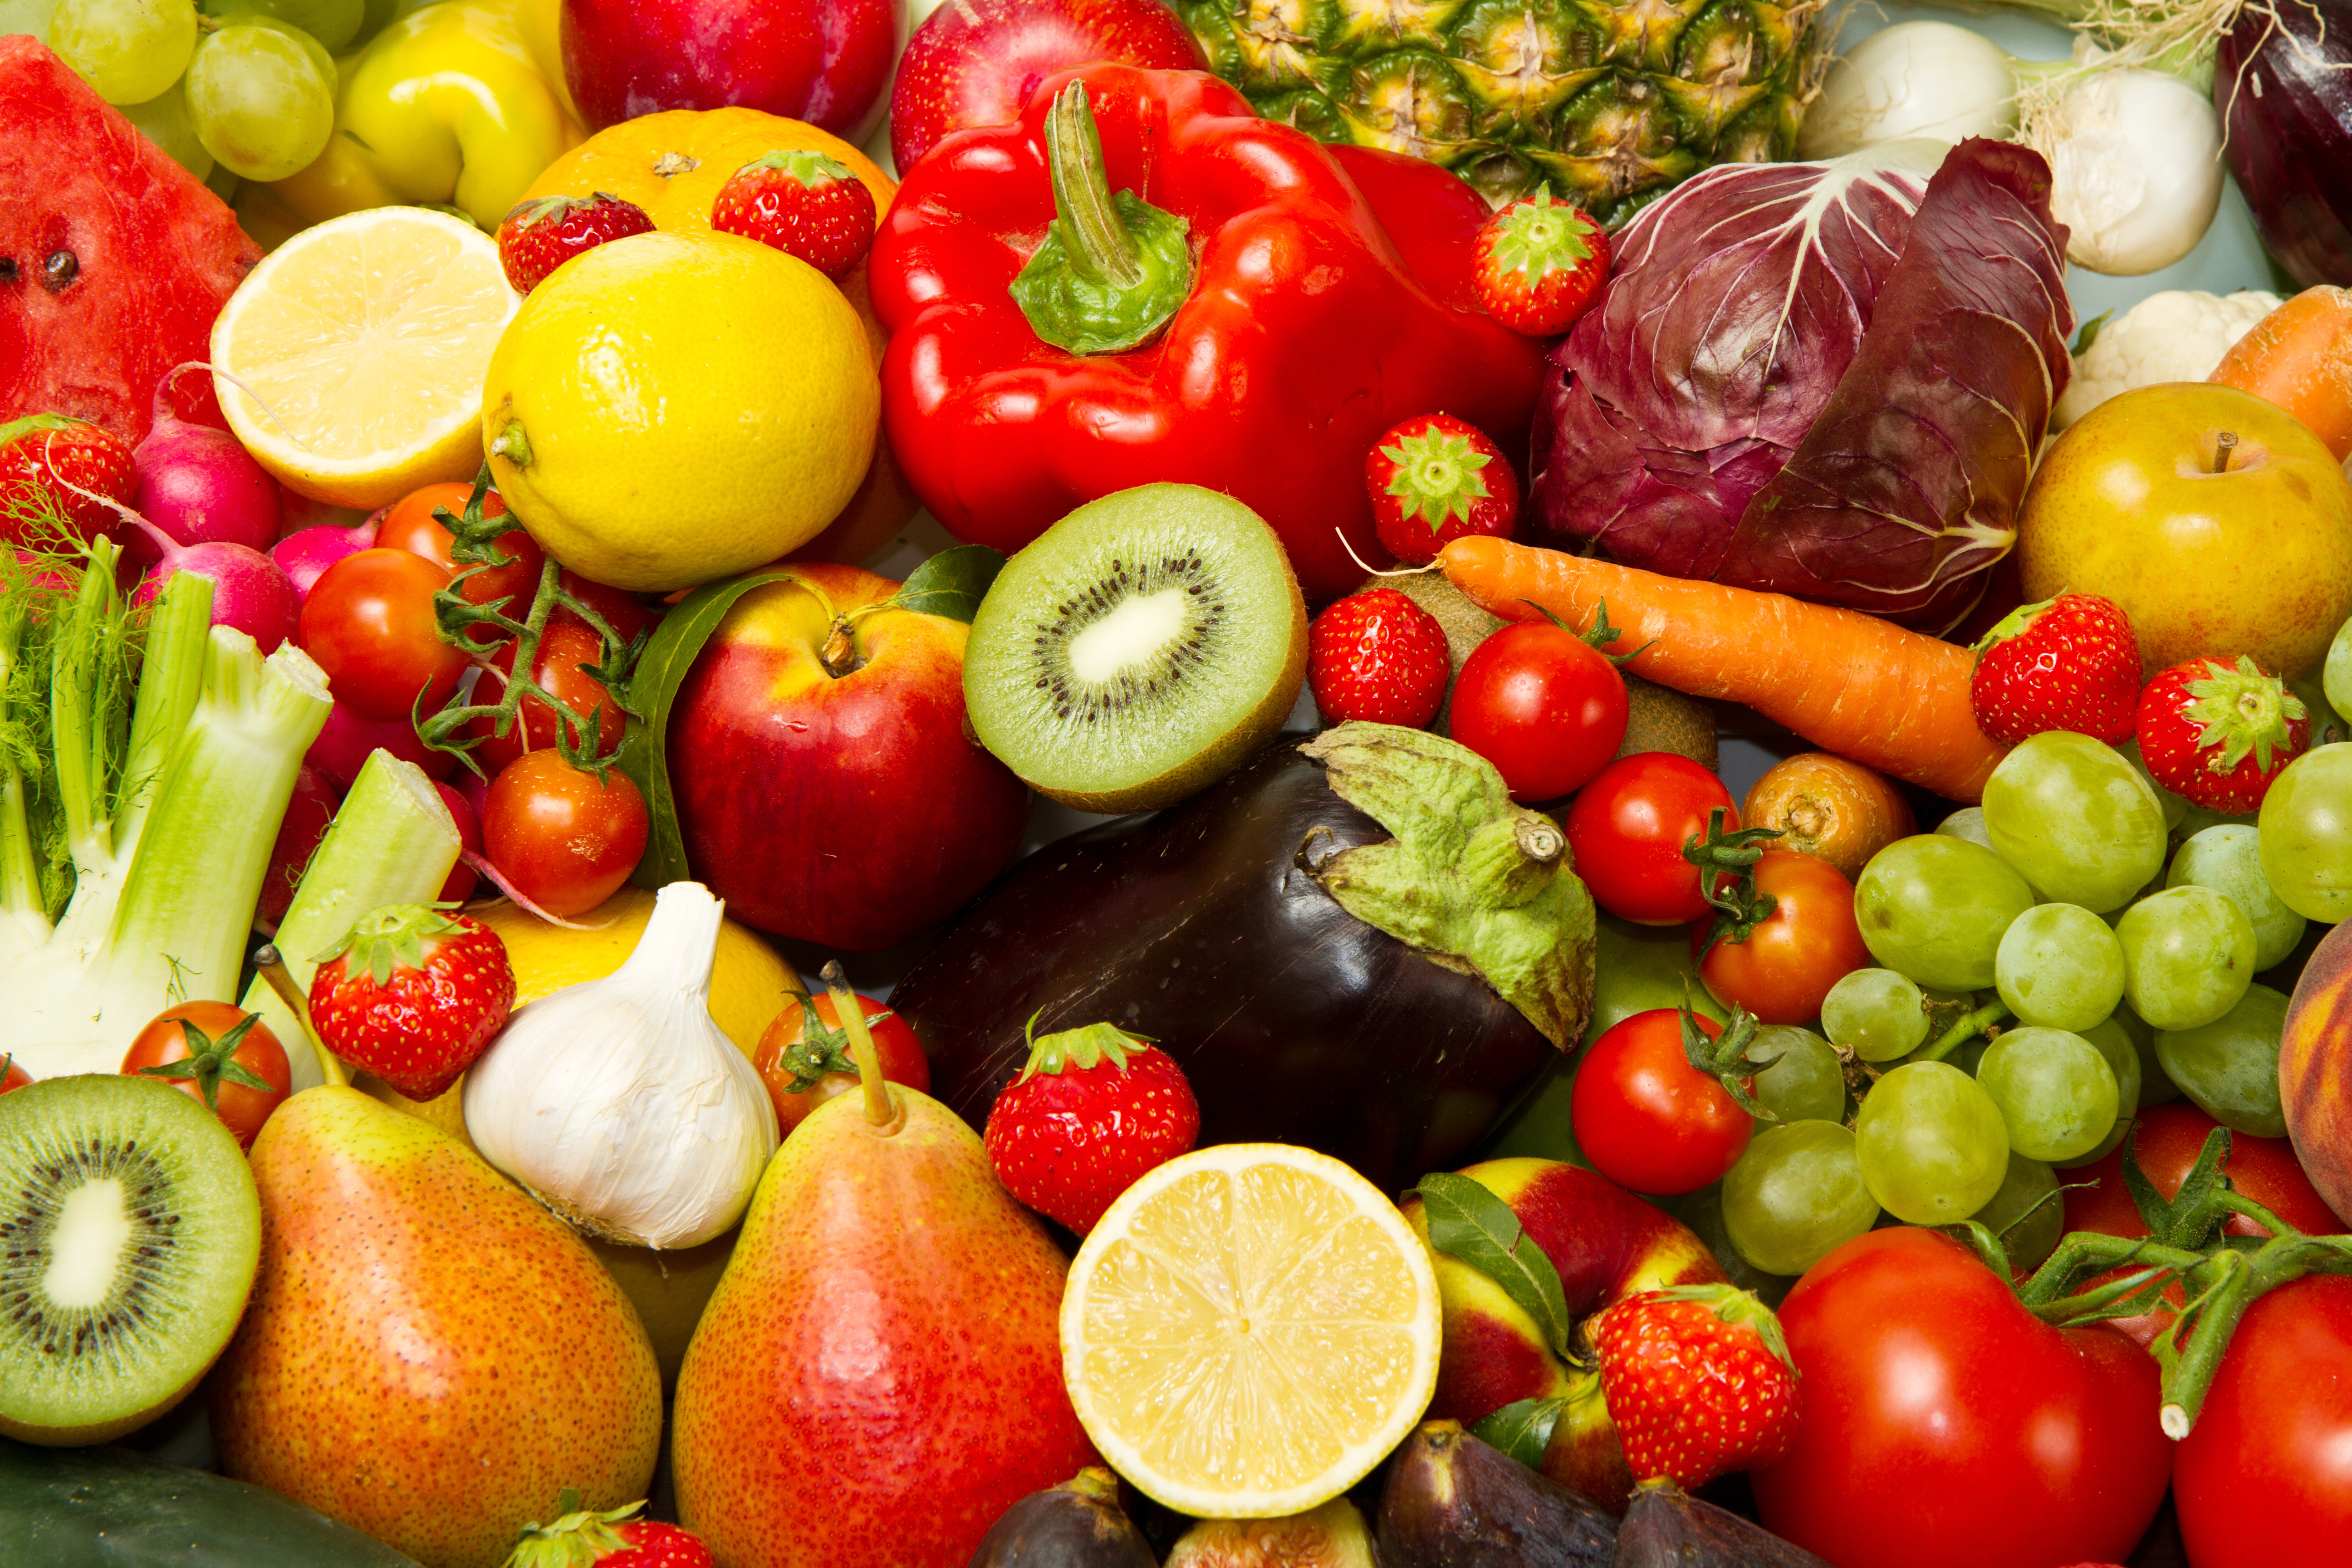 Картинки Баклажан Киви Груши Яблоки Виноград Перец Овощи Фрукты Продукты питания Еда Пища перец овощной